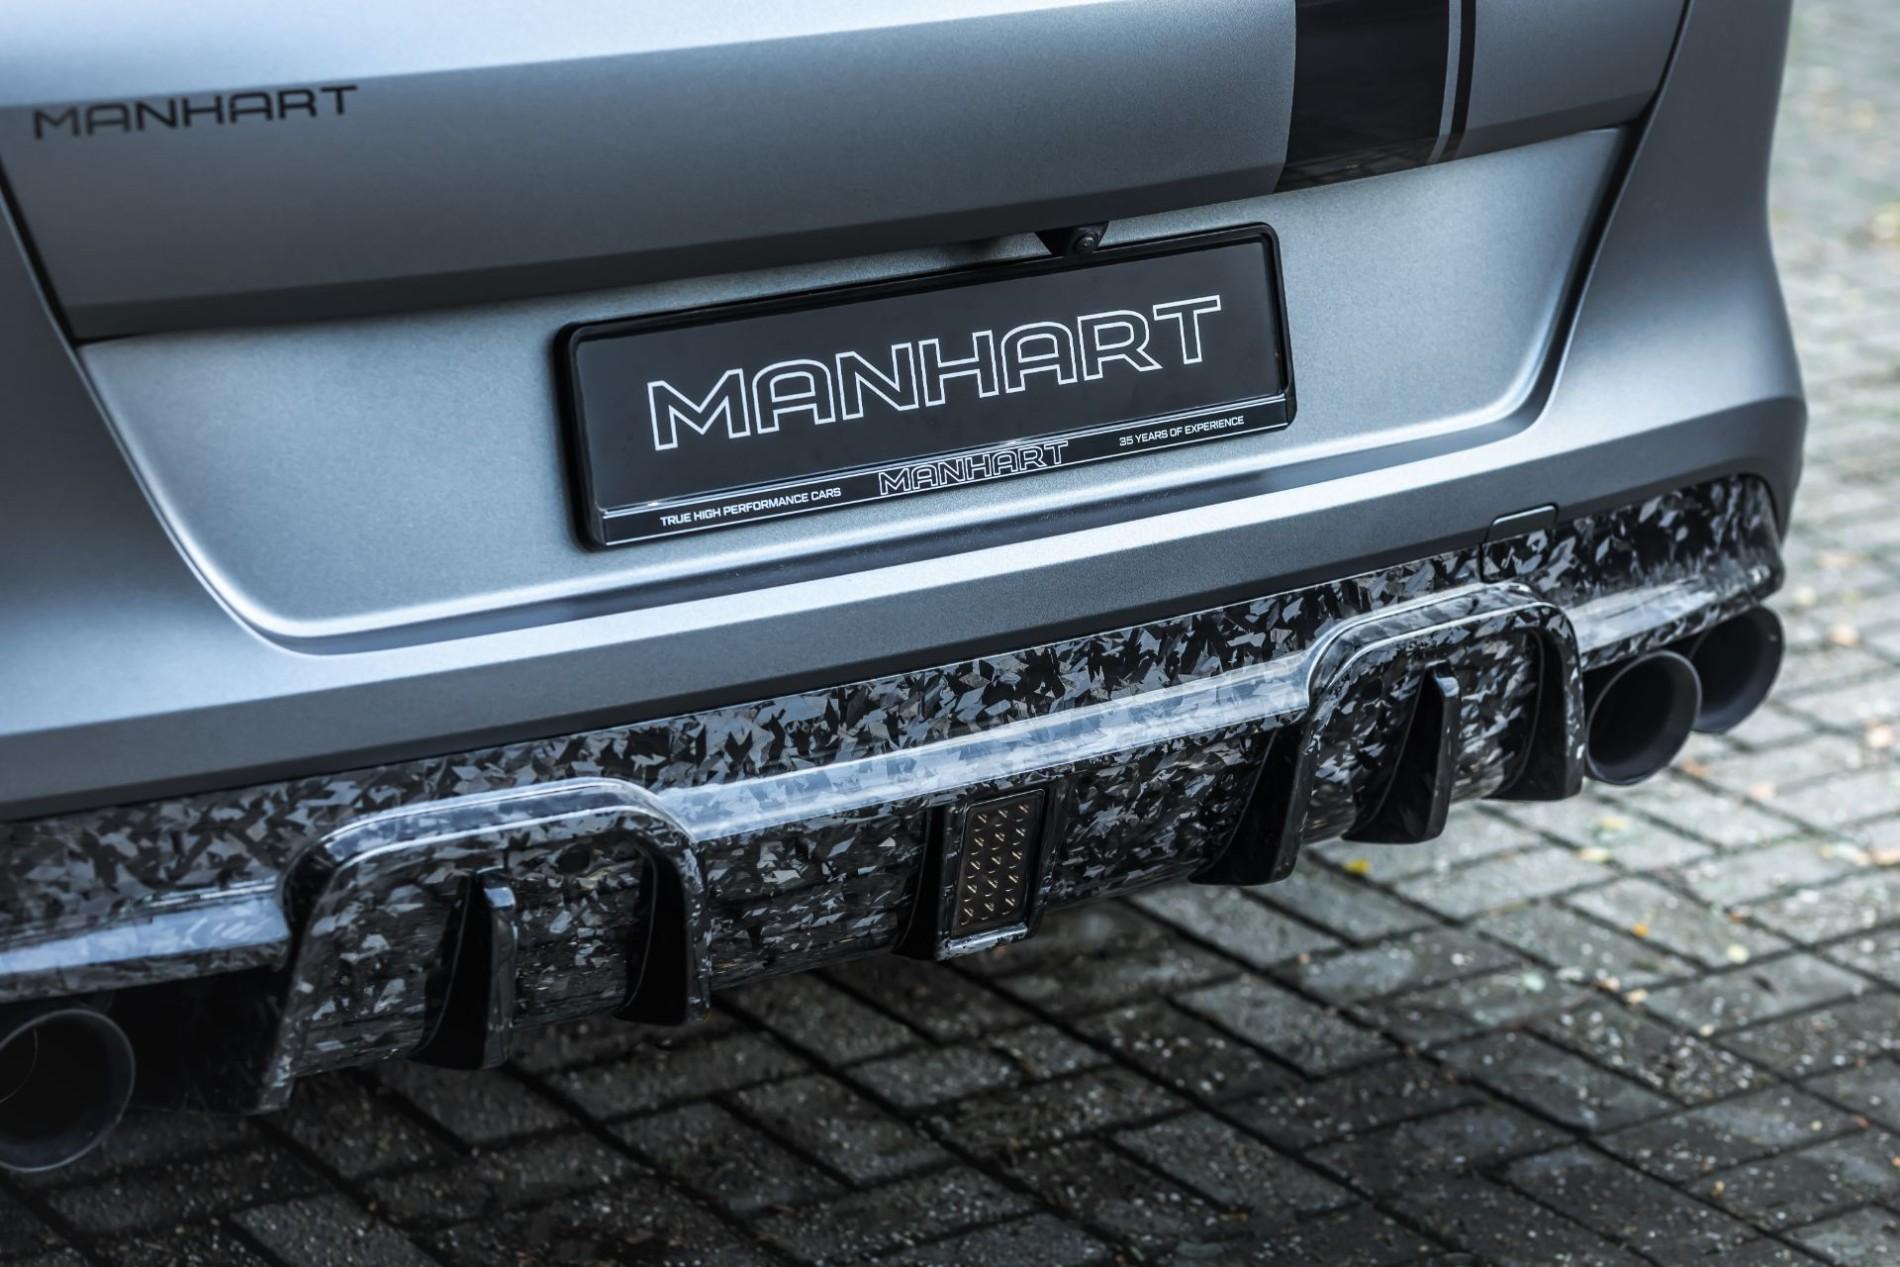 Manhart MHX6 700 - Manhart MHX6 700